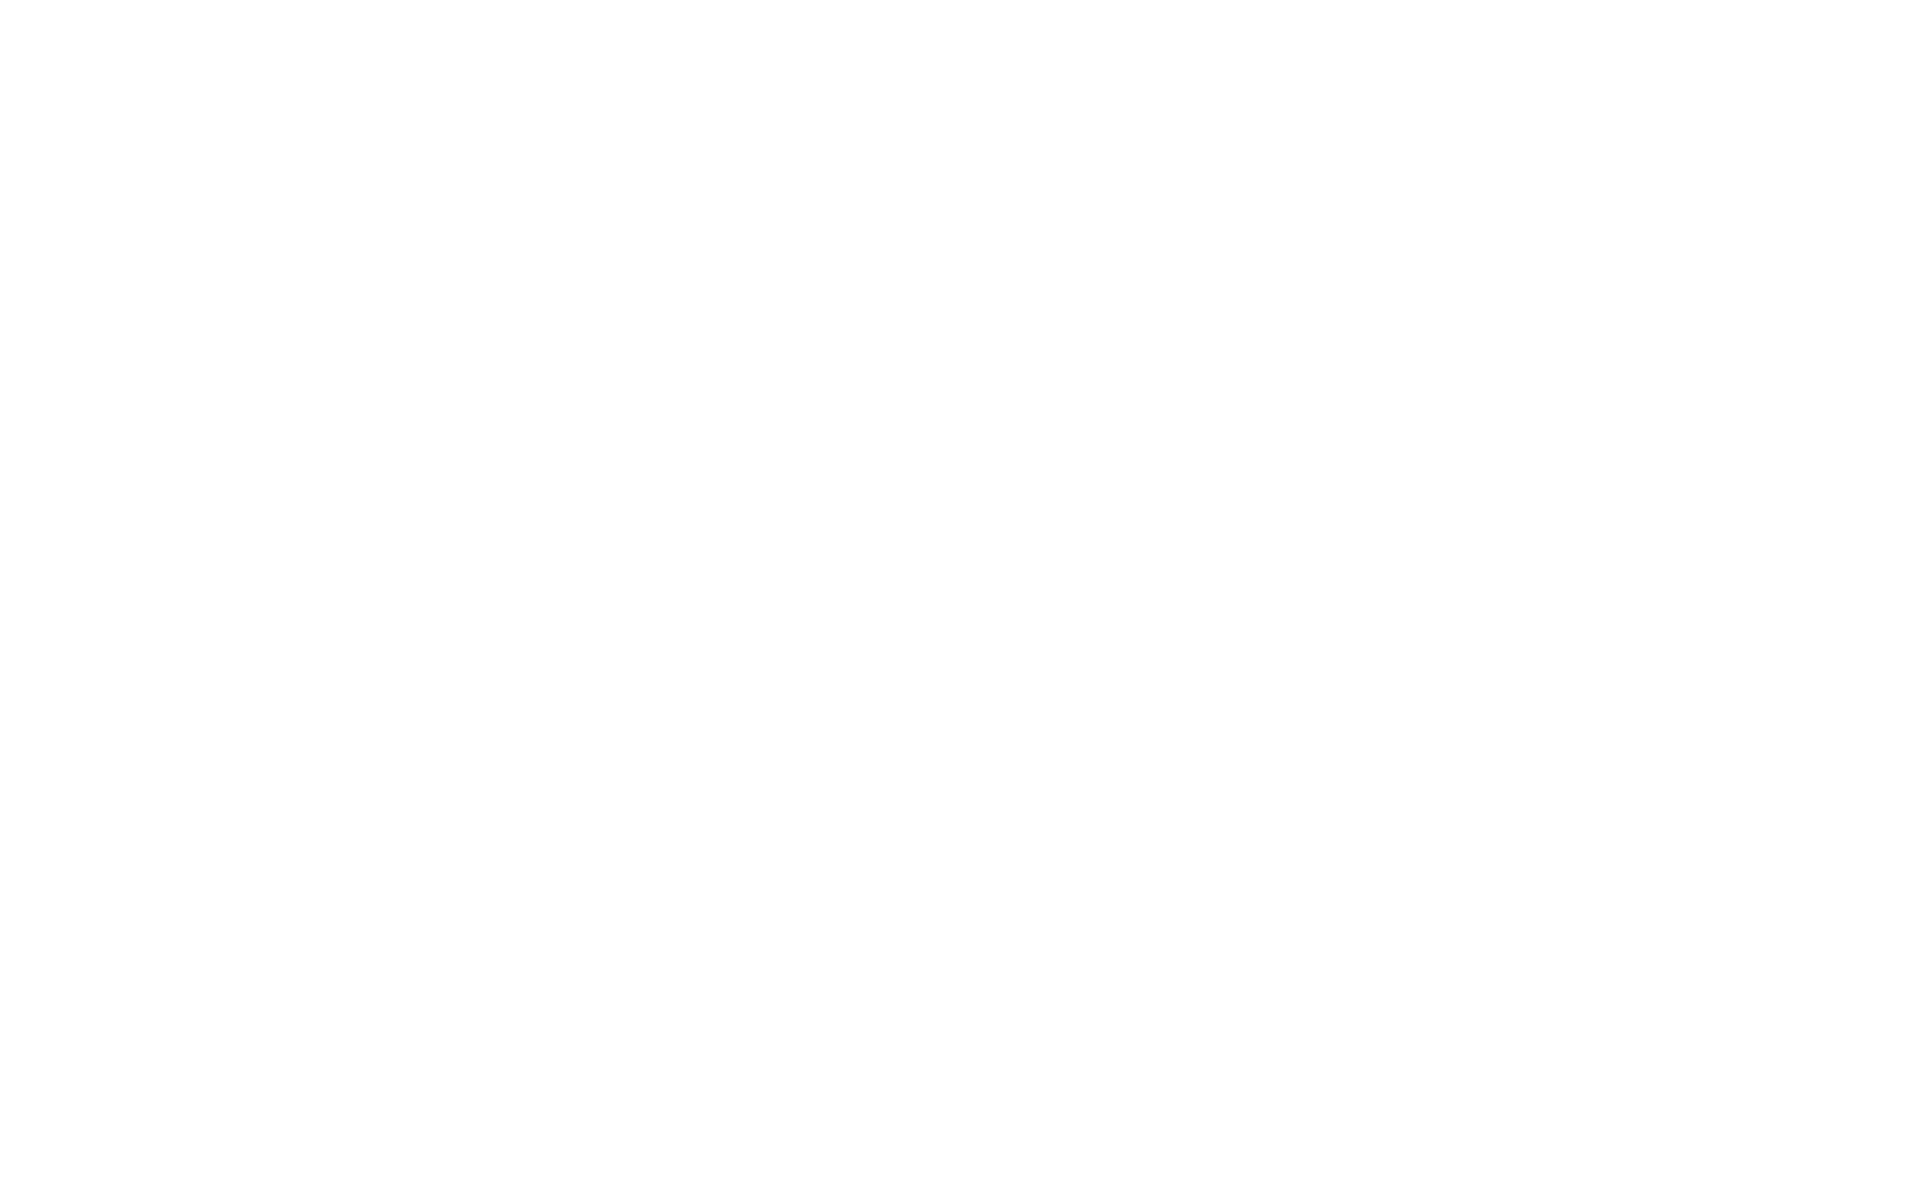 メンズエステ 風俗|『禅』背景ロゴ